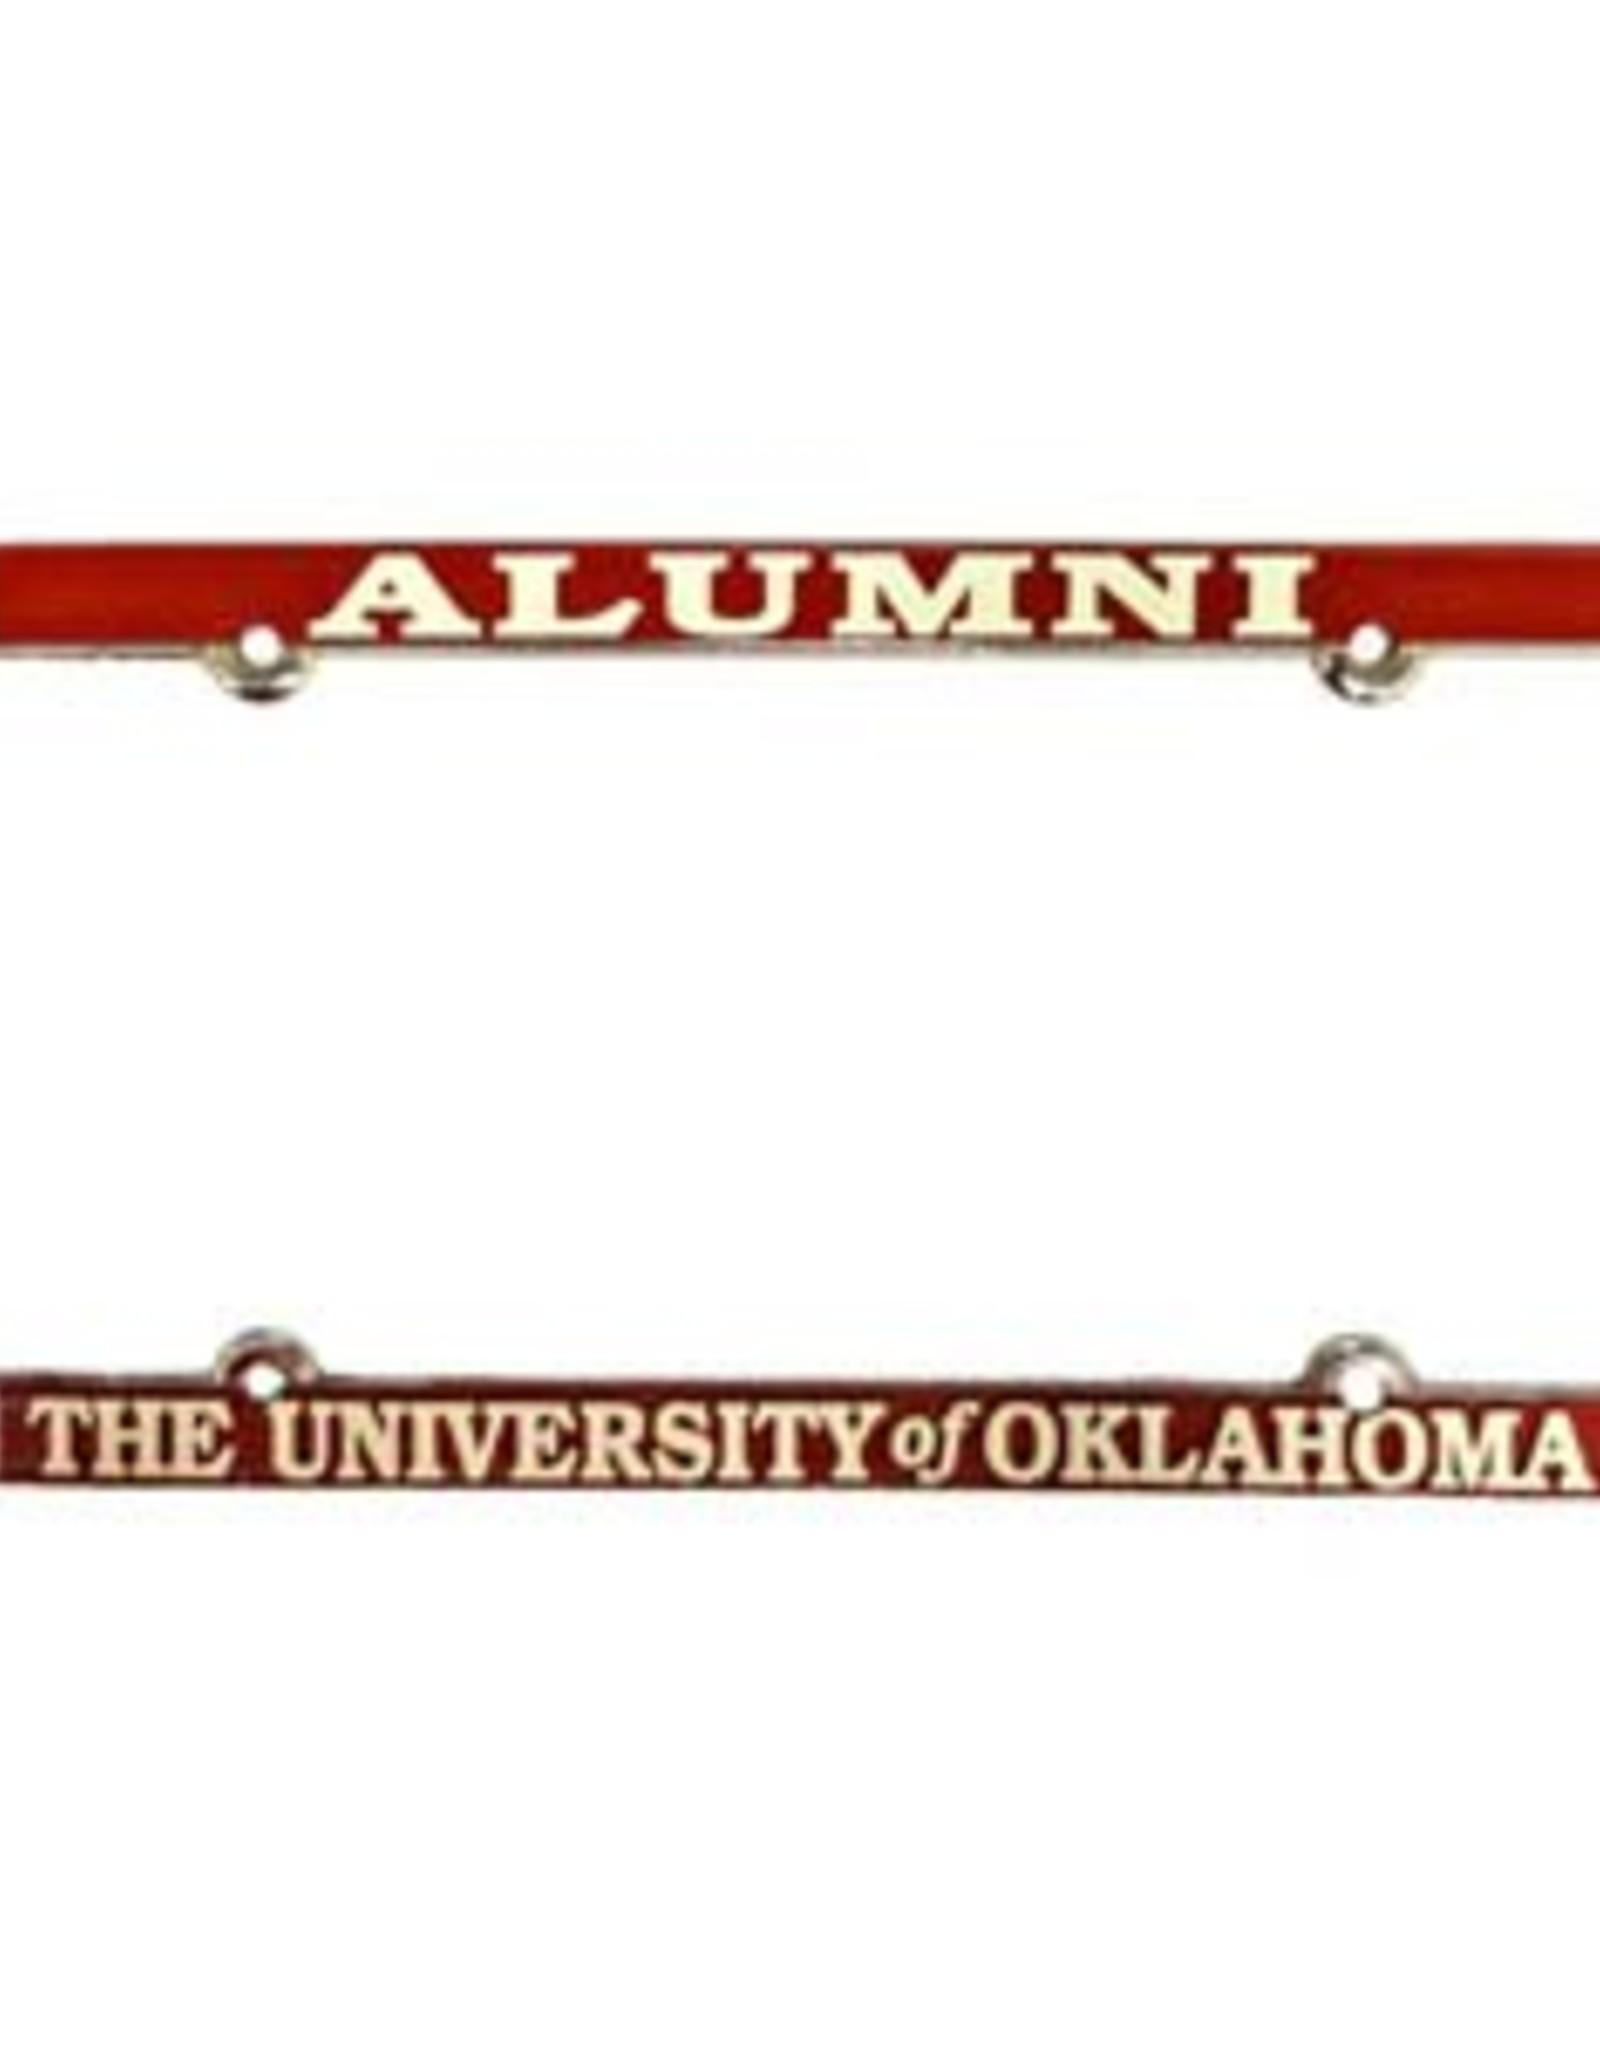 Jag Alumni/The University of Oklahoma Raised Letters White/Crimson License Frame